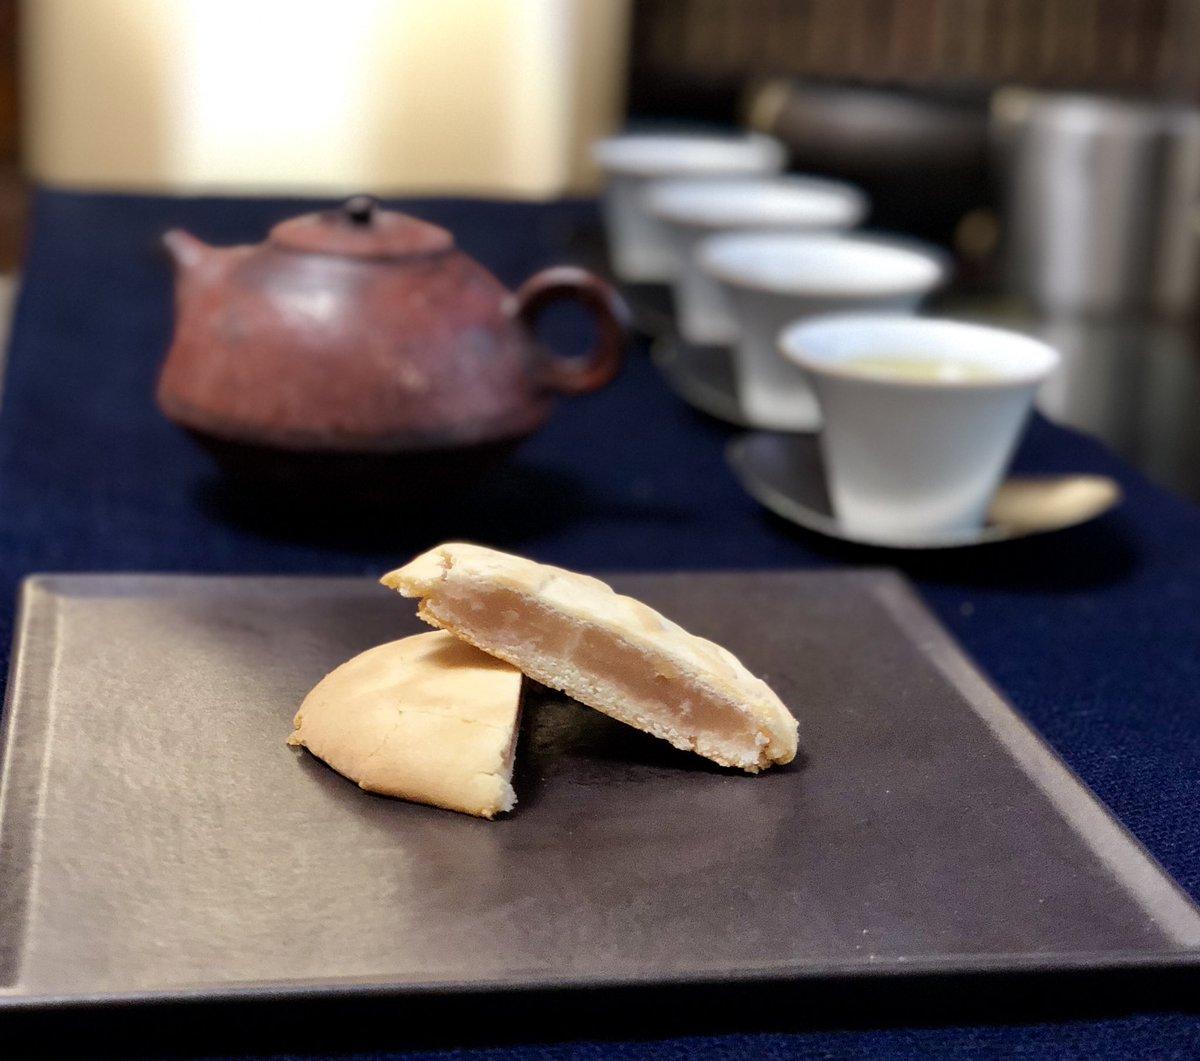 test ツイッターメディア - 仙台銘菓 支倉焼を頂きました ミルキーな白餡 ふとクルミを感じる 上品なお菓子です  アジアで唯一のローマ貴族 しかもカトリックだった常長の 西洋のイメージがぴったりな 仕上がりですね  爽やかな中国紅茶と https://t.co/fUQkwzBW0i